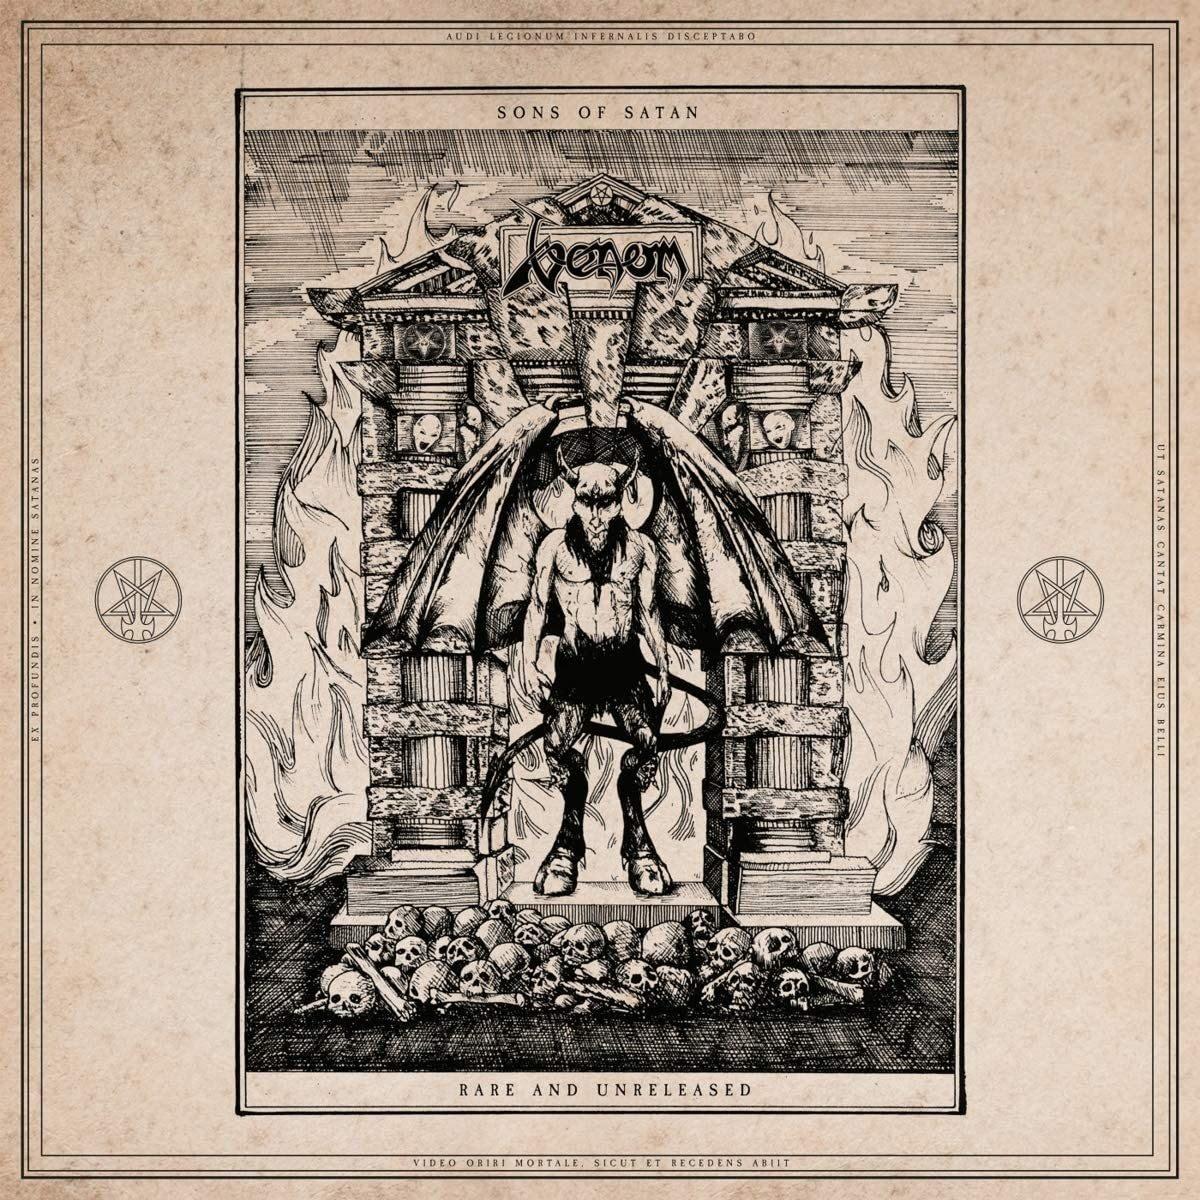 venom_sons_of_satan_2020